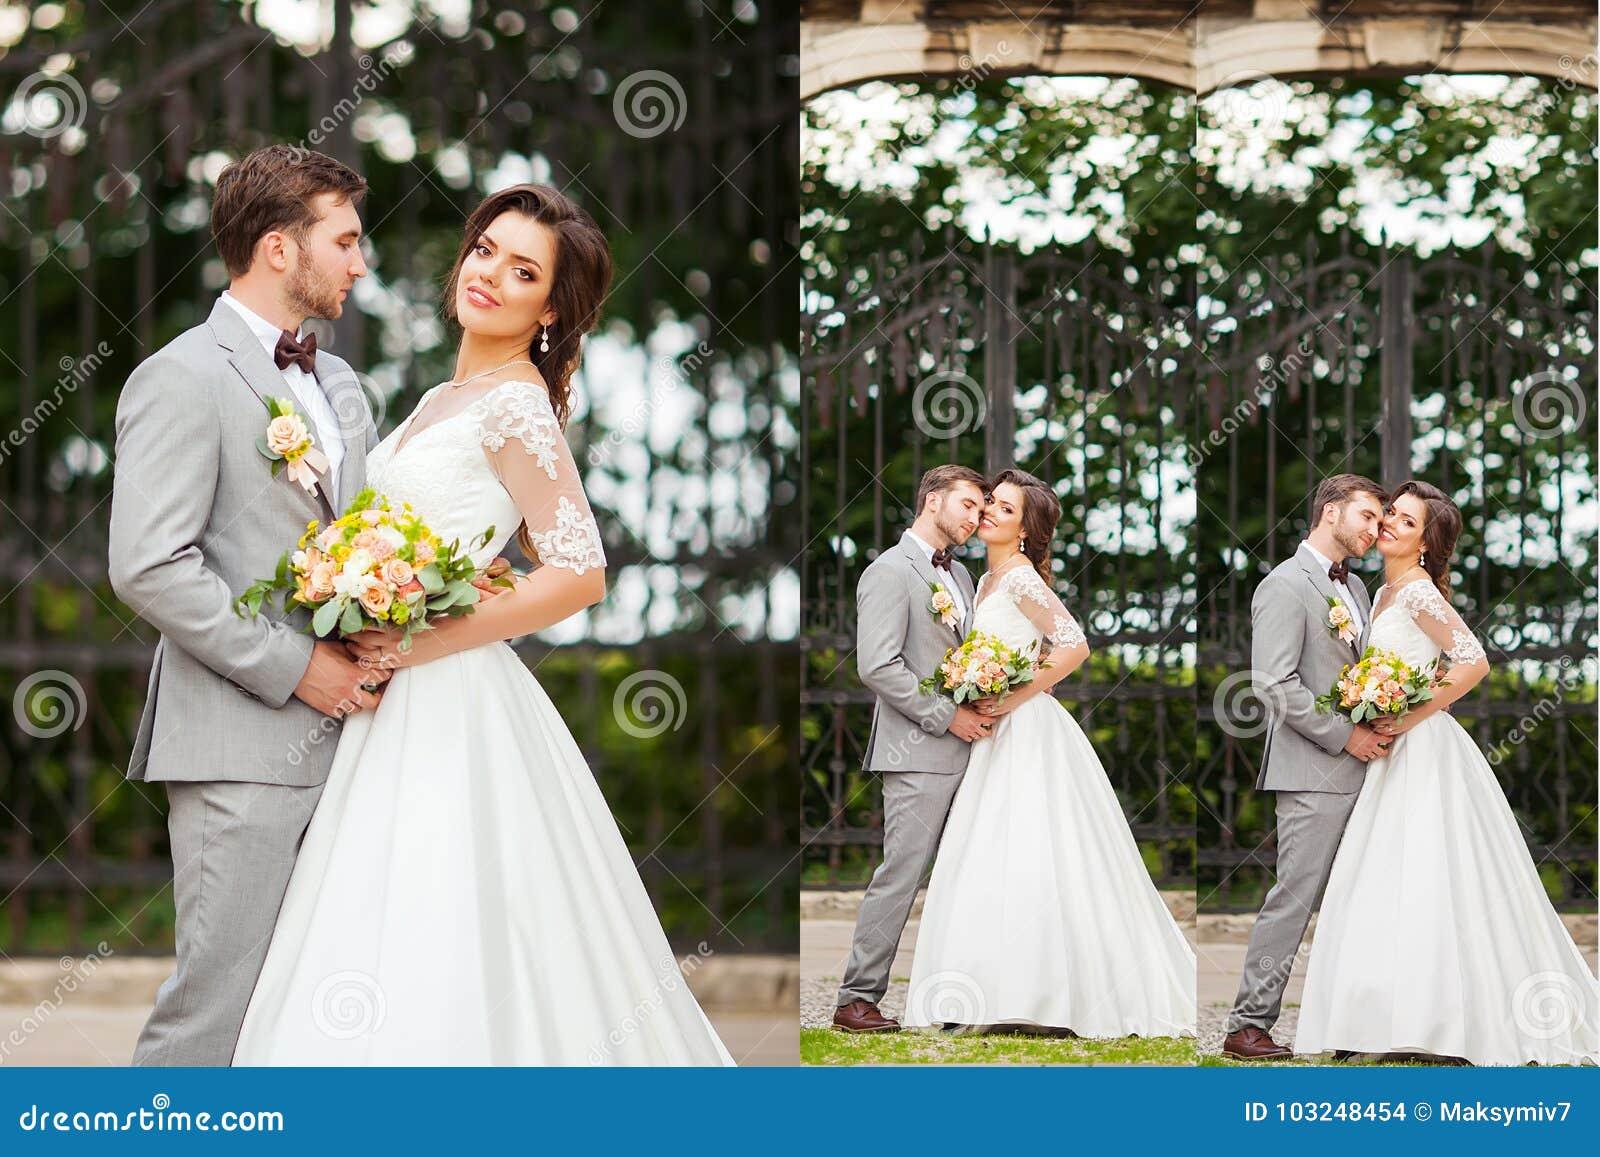 拼贴画九一个照片被设置的婚礼 新娘仪式教会新郎婚礼